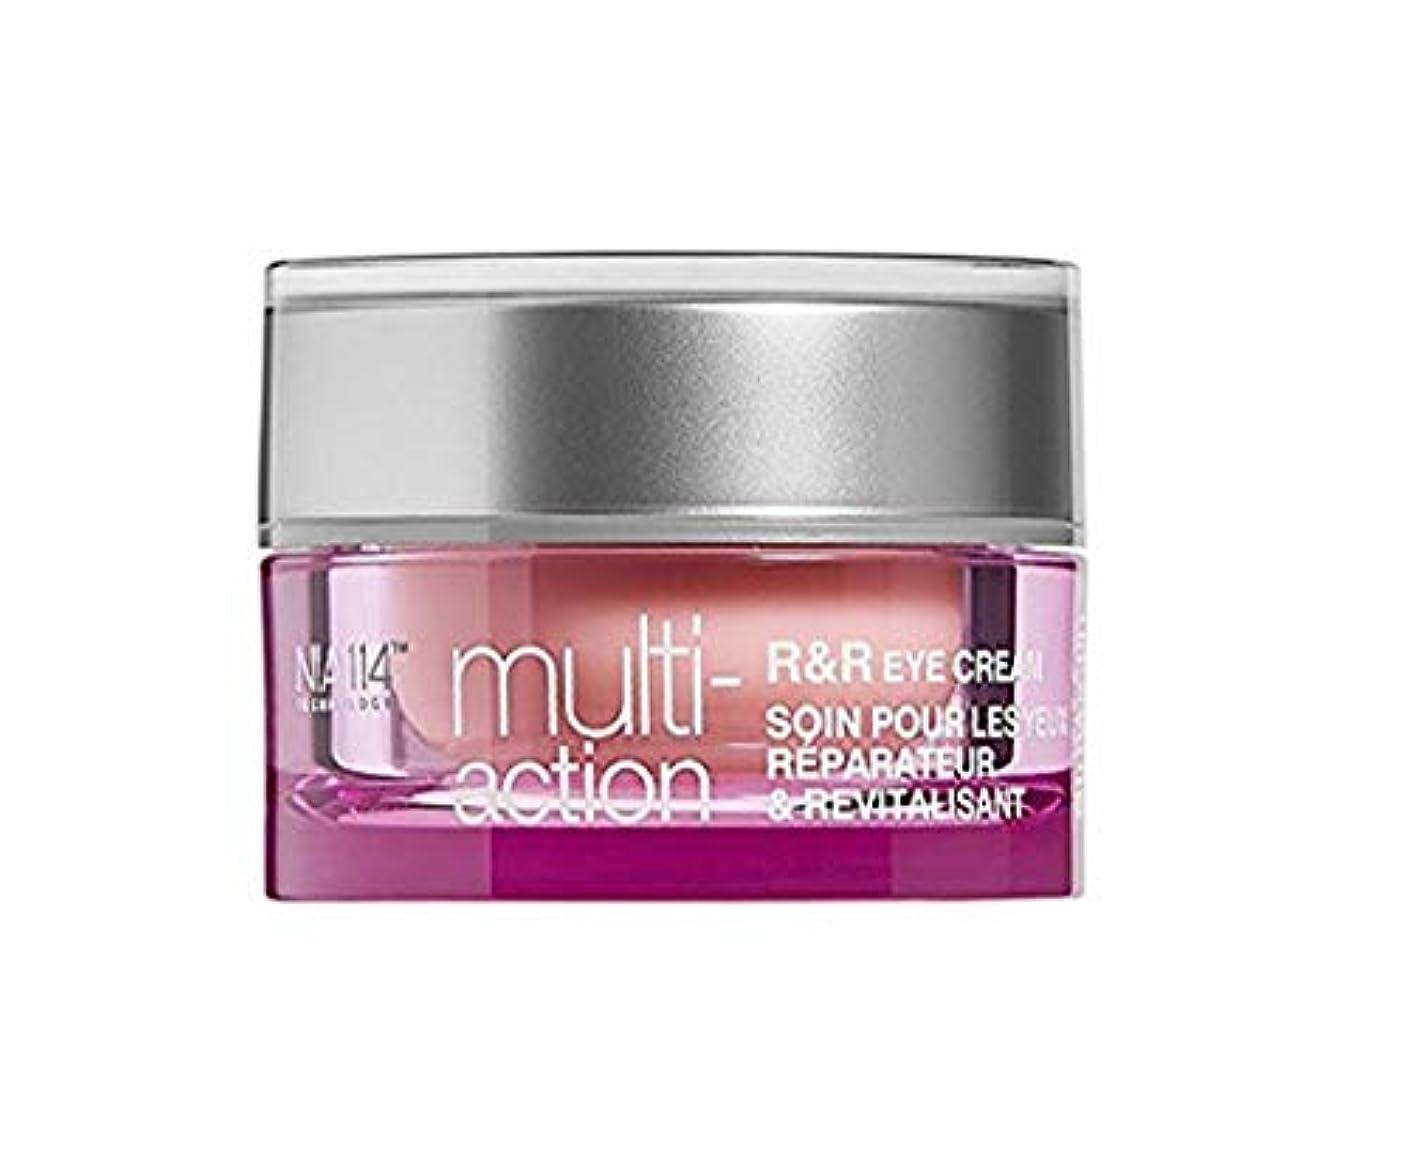 アーサーコナンドイルコンパニオン化粧ストリベクチン マルチアクション R&R アイクリーム ギブアイズサム R&R リペア&リチャージ 0.5オンス